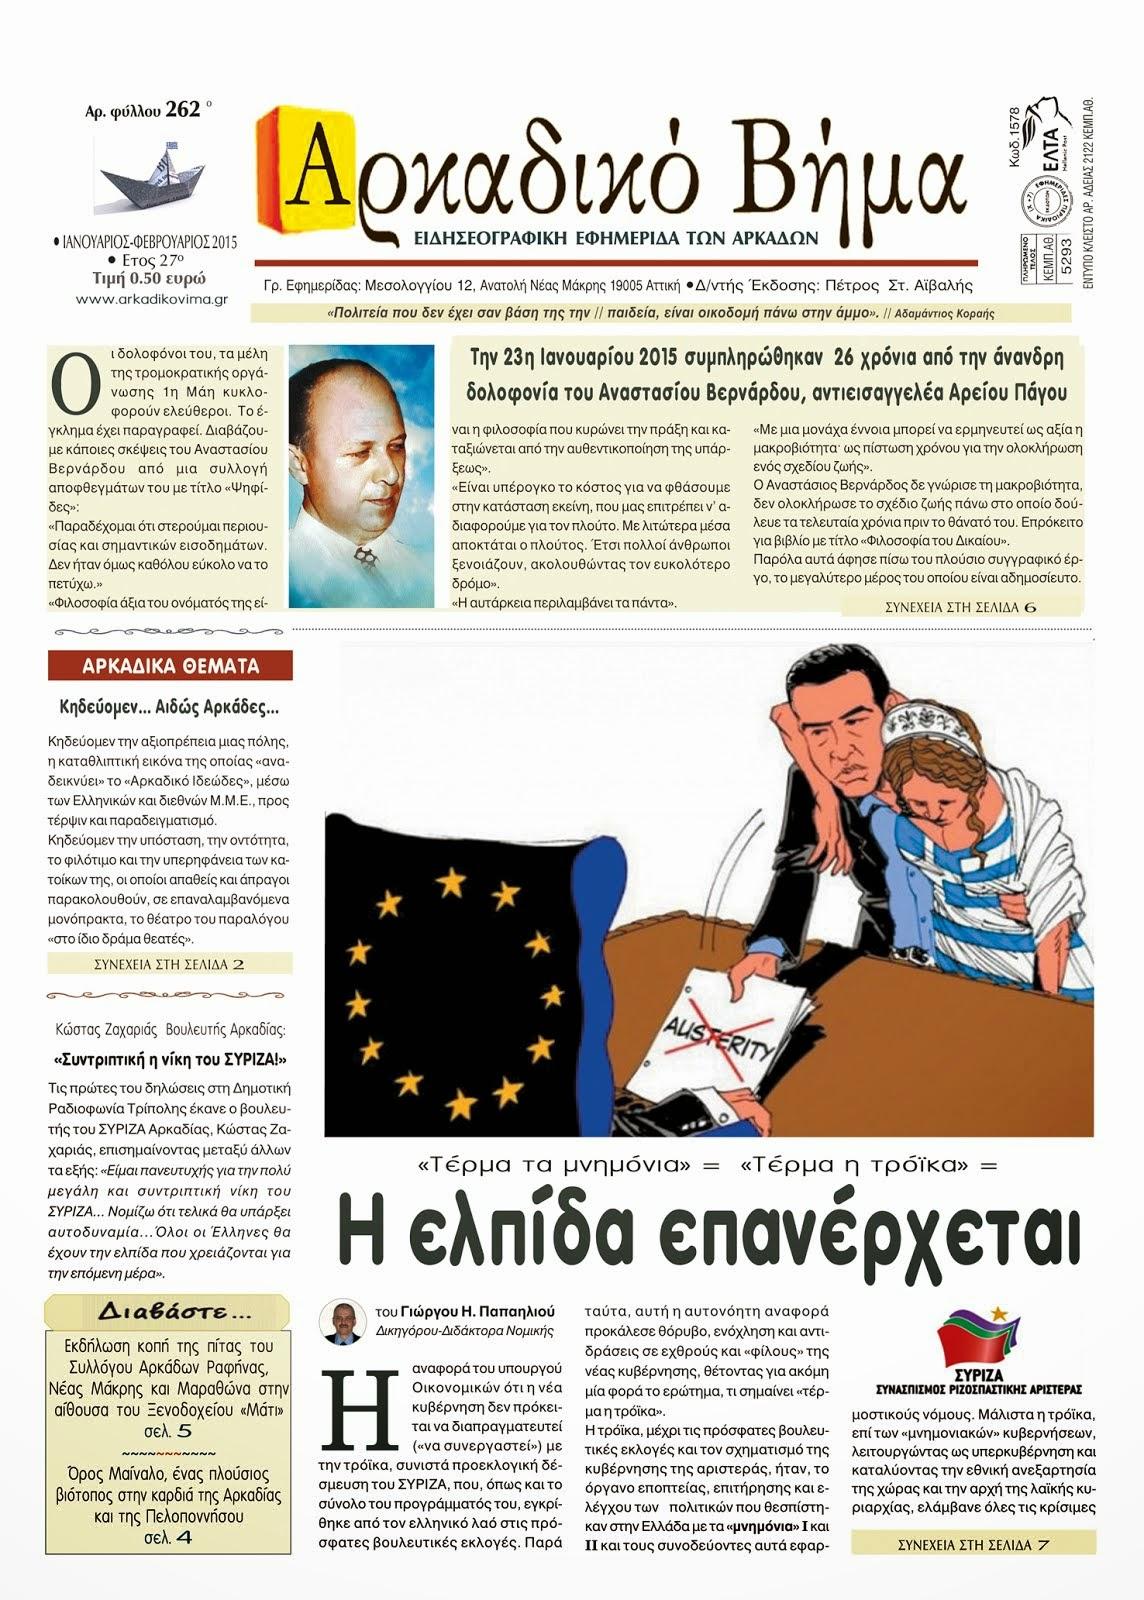 «Αρκαδικό Βήμα» κυκλοφόρησε το νέο φύλλο με θέμα «Η ελπίδα επανέρχεται» του Γιώργου Παπαηλιού